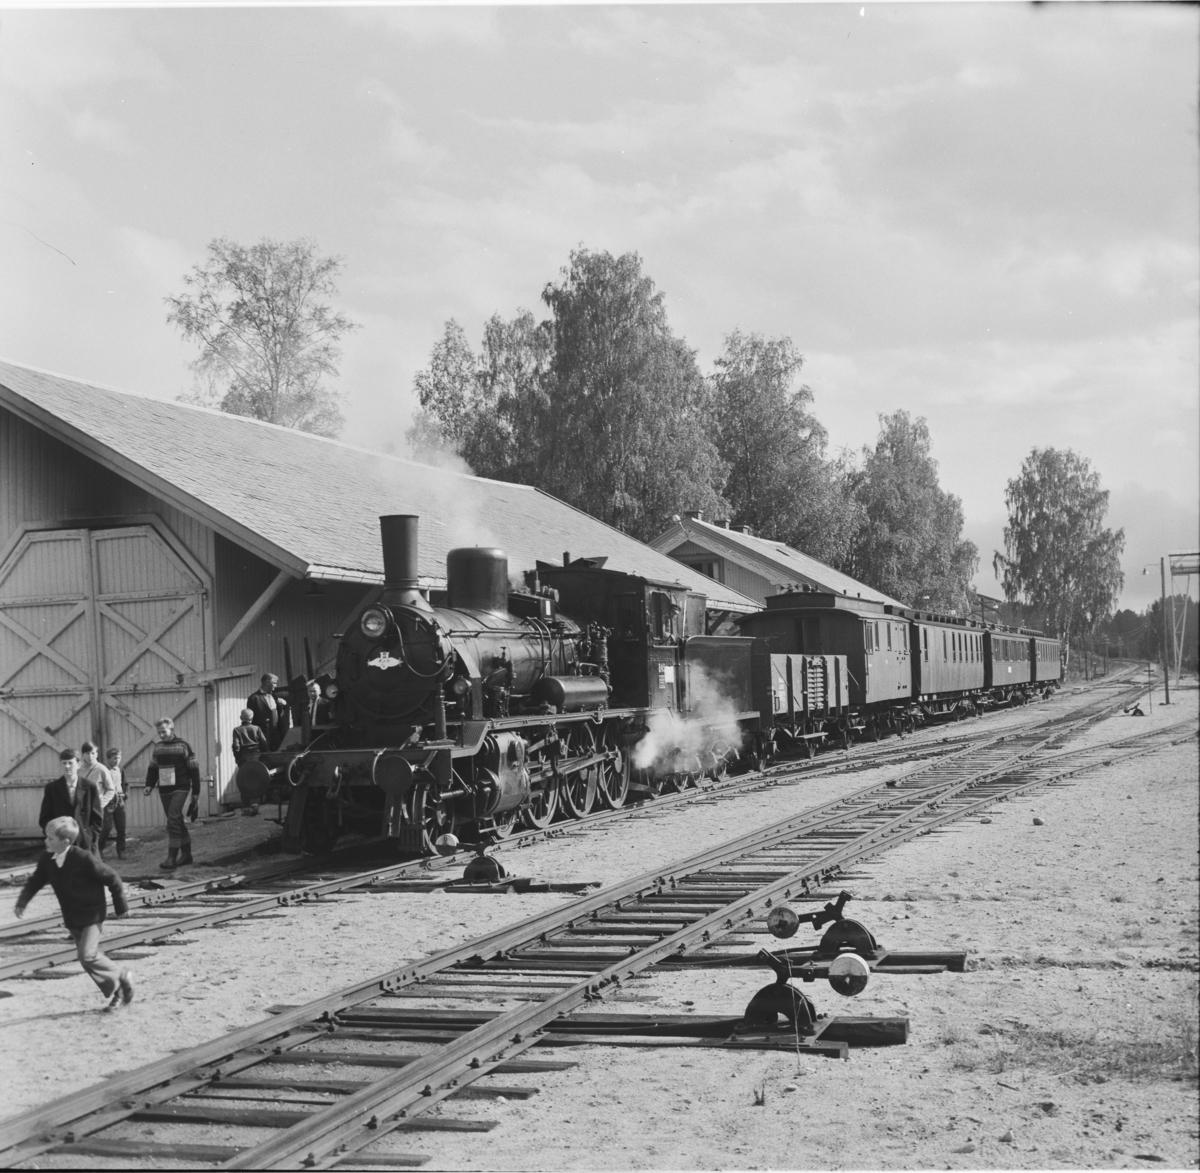 A/L Hølandsbanens veterantog på Krøderen stasjon. Toget trekkes av damplok 18c 245.